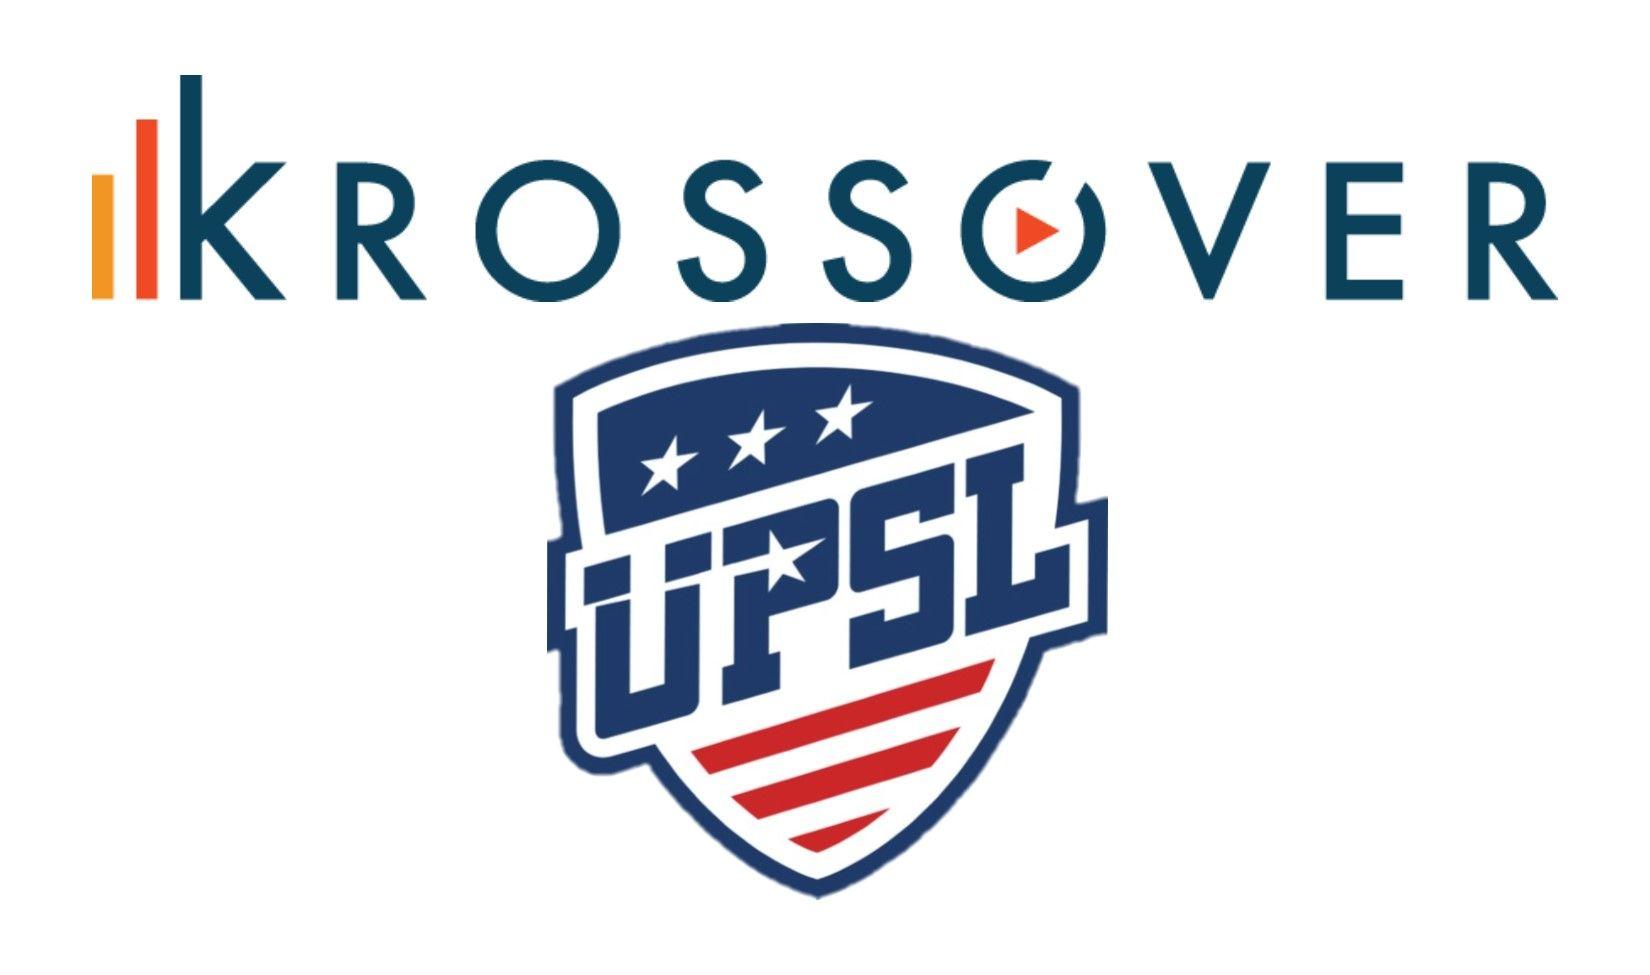 UPSL_Krossover